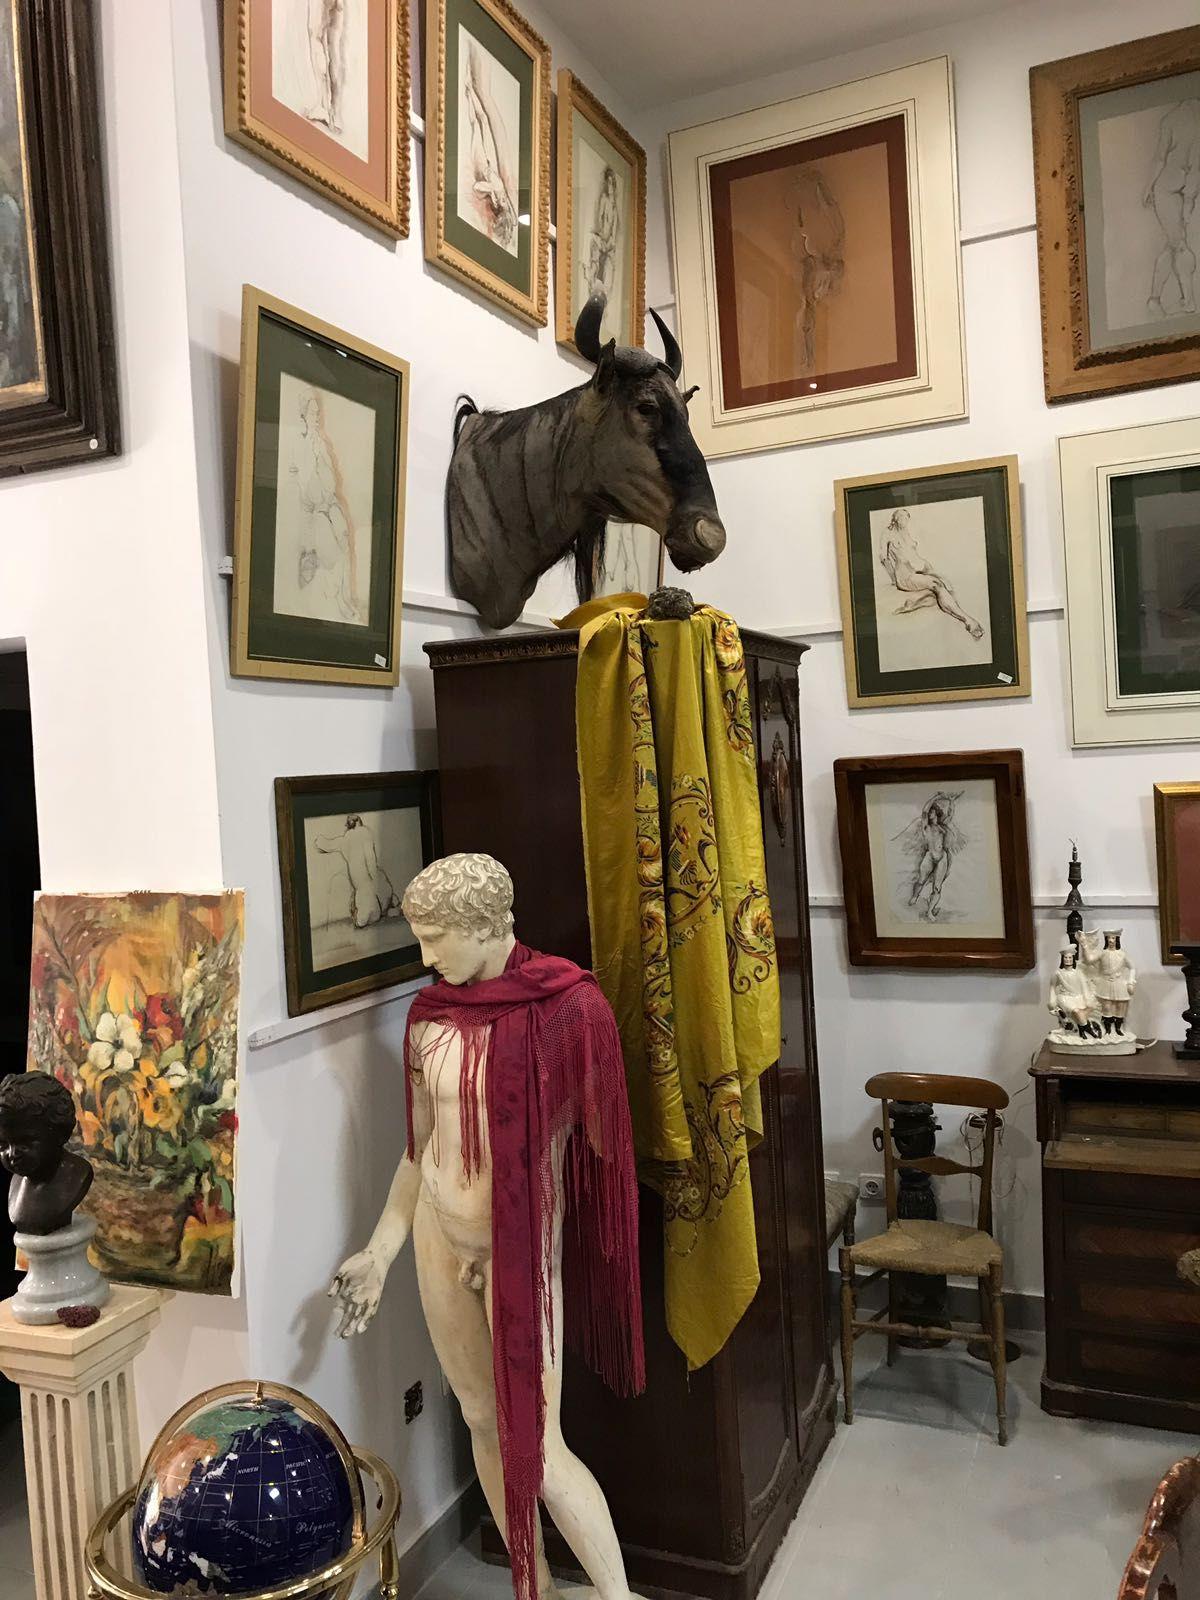 Foto 3 de Galerías de arte y salas de exposiciones en Cartagena | Arte & Antigüedades Federico Robles Perez